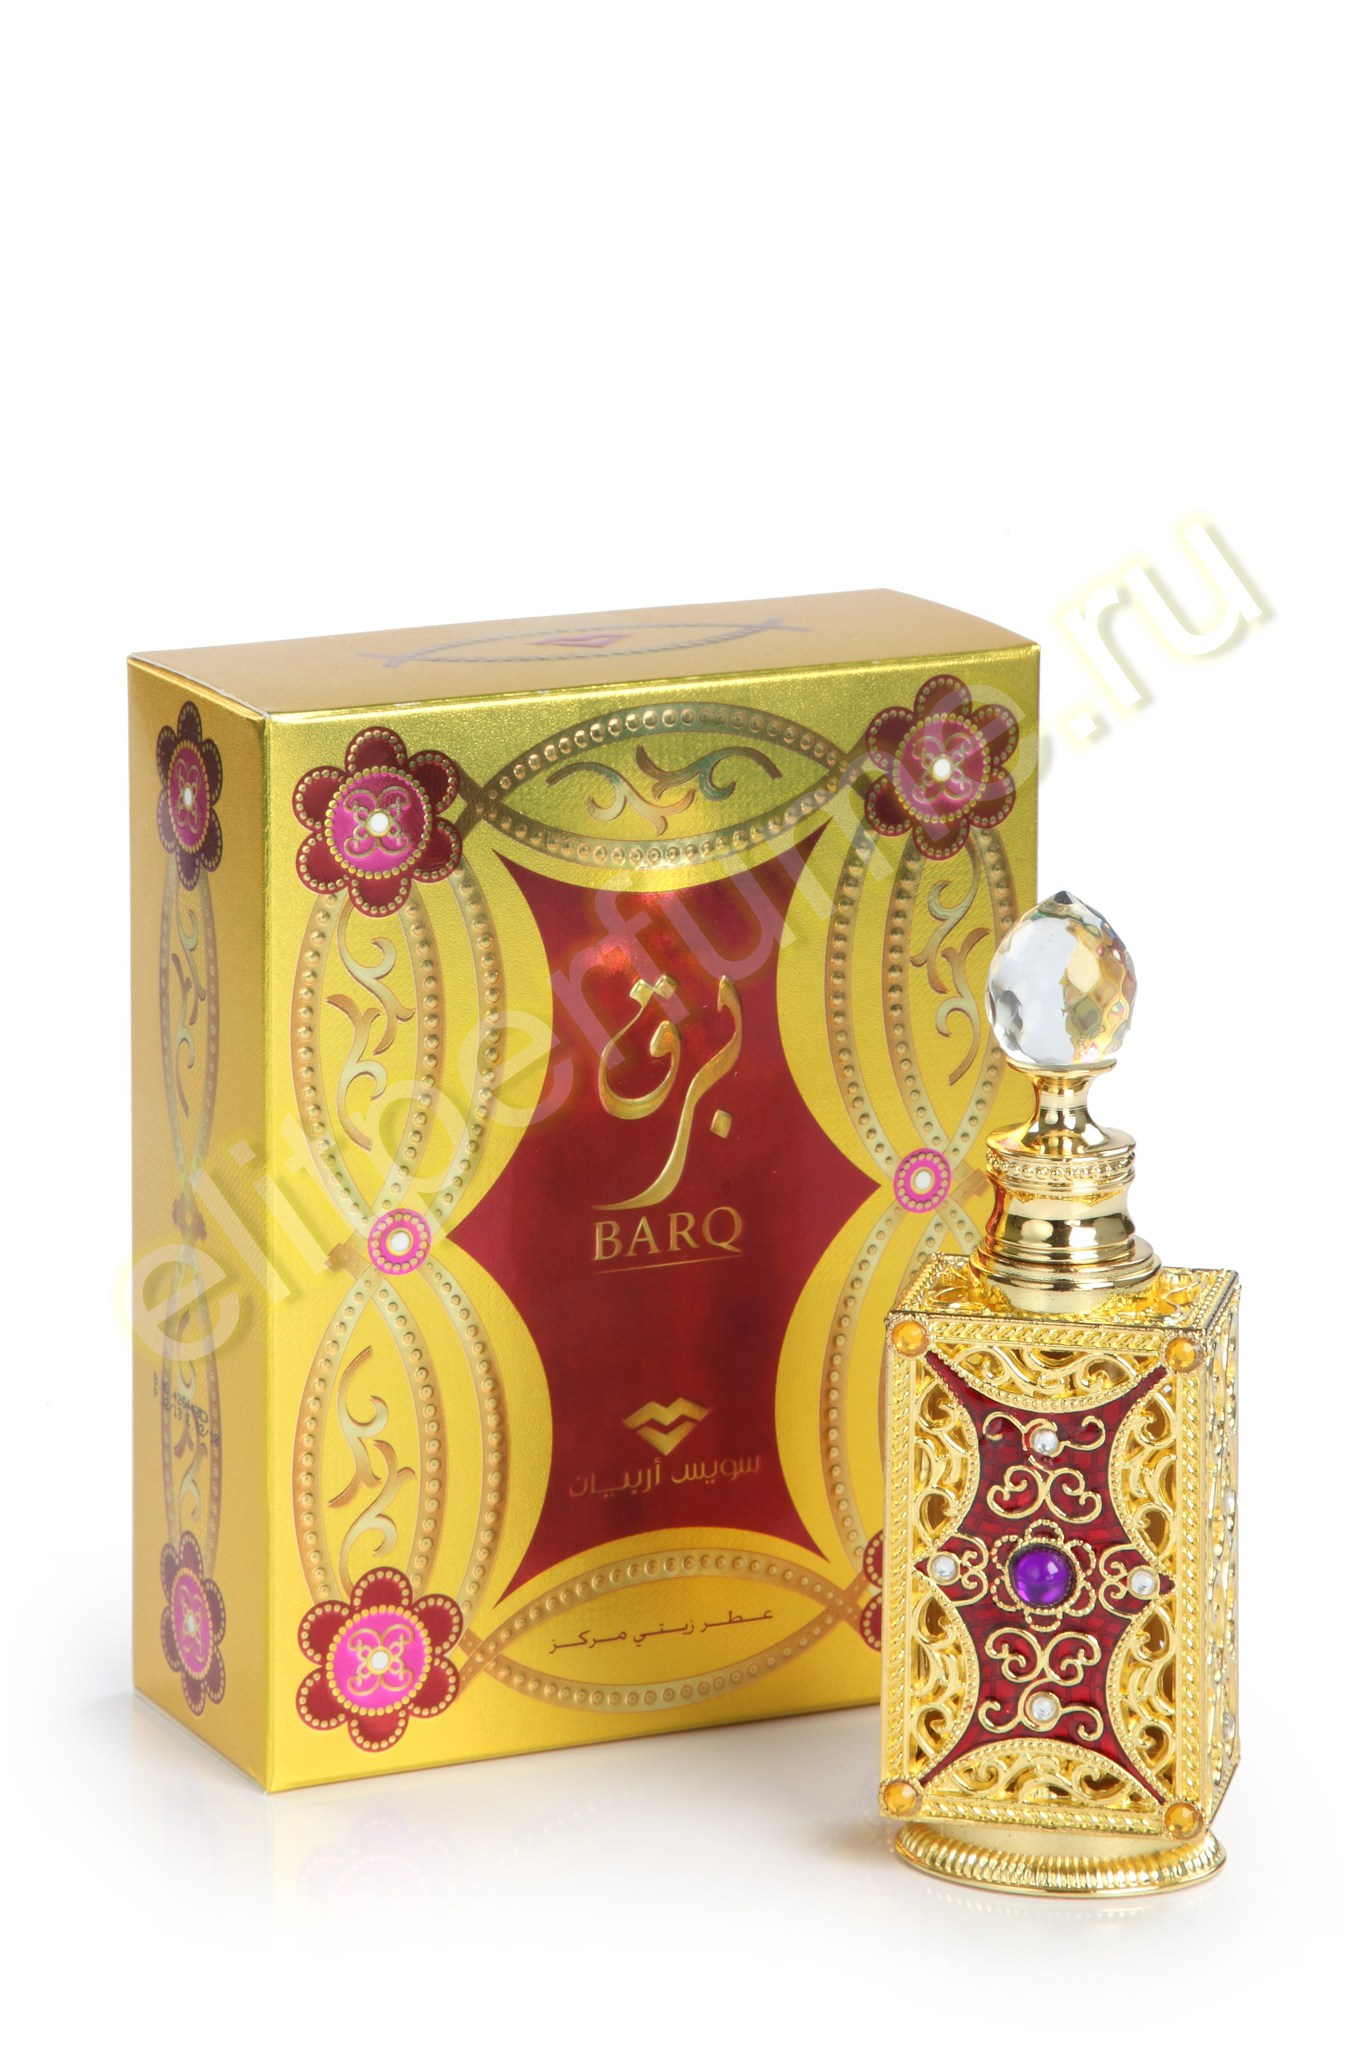 Пробники для арабских духов Barq Барк 1 мл арабские масляные духи от Свисс Арабиан Swiss Arabian